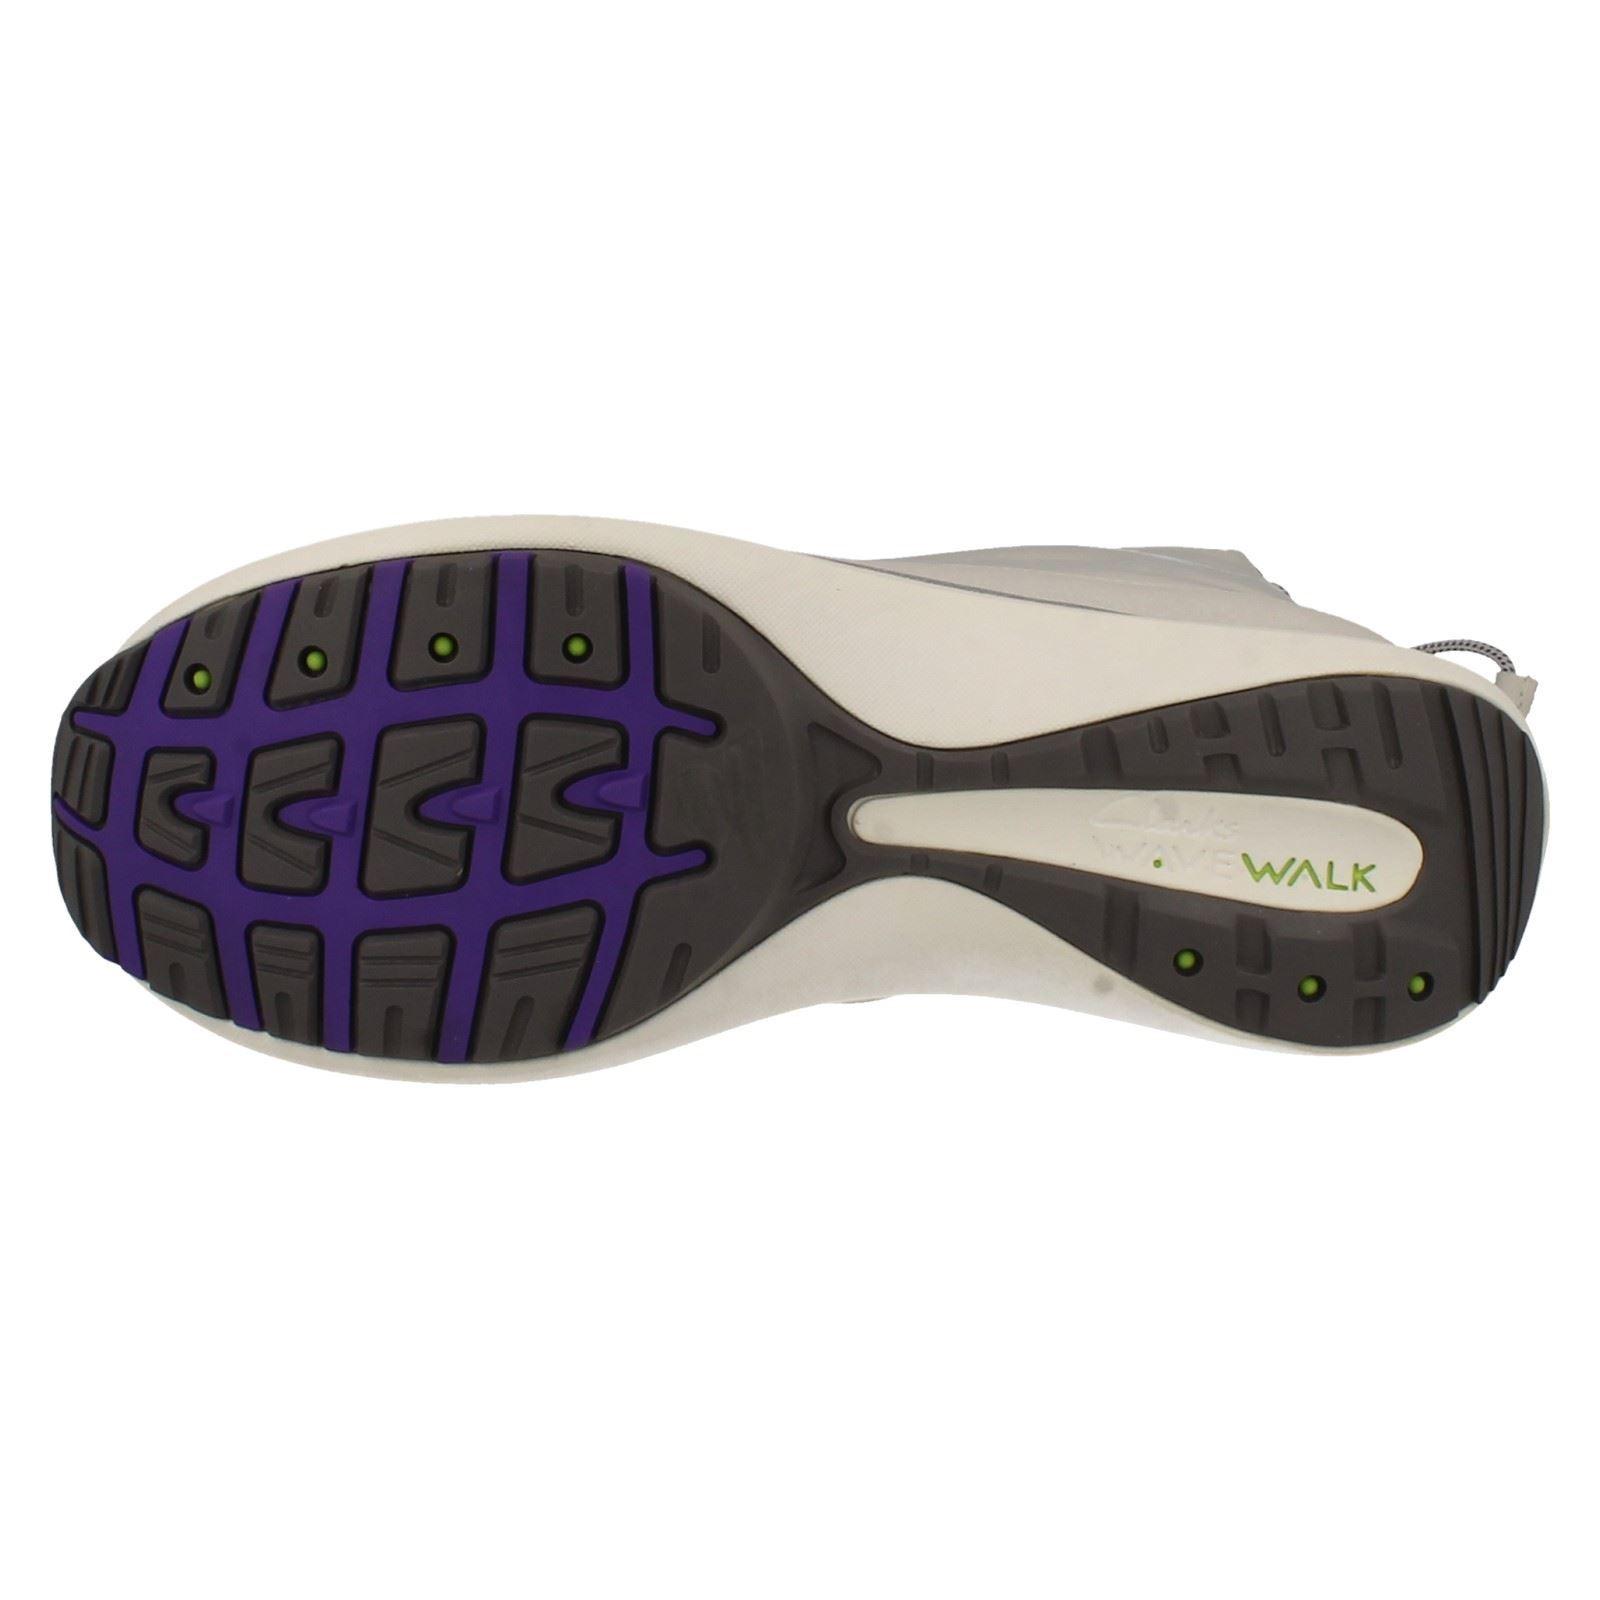 Onda señoras caminar Clarks Gore-Tex Impermeable Botas de nieve etiqueta de pico de onda